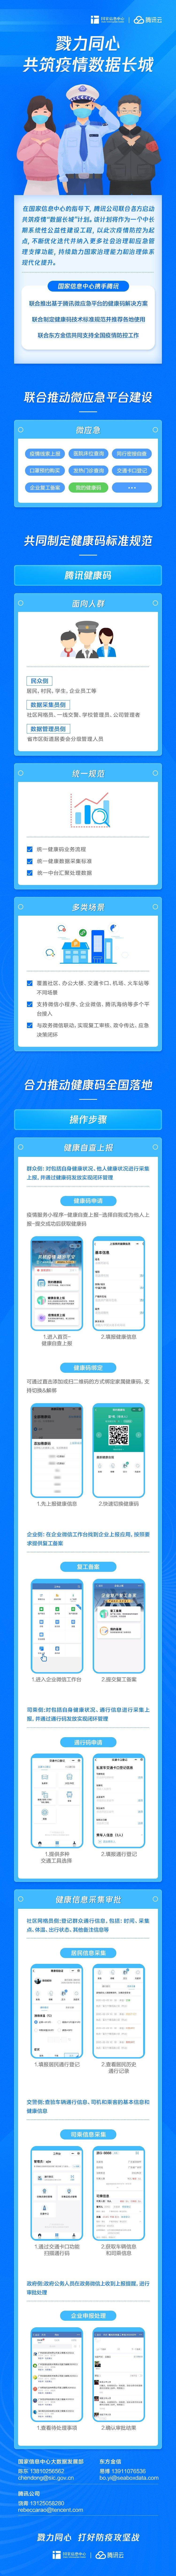 国家信息中心联合腾讯共同推出健康码-玩懂手机网 - 玩懂手机第一手的手机资讯网(www.wdshouji.com)